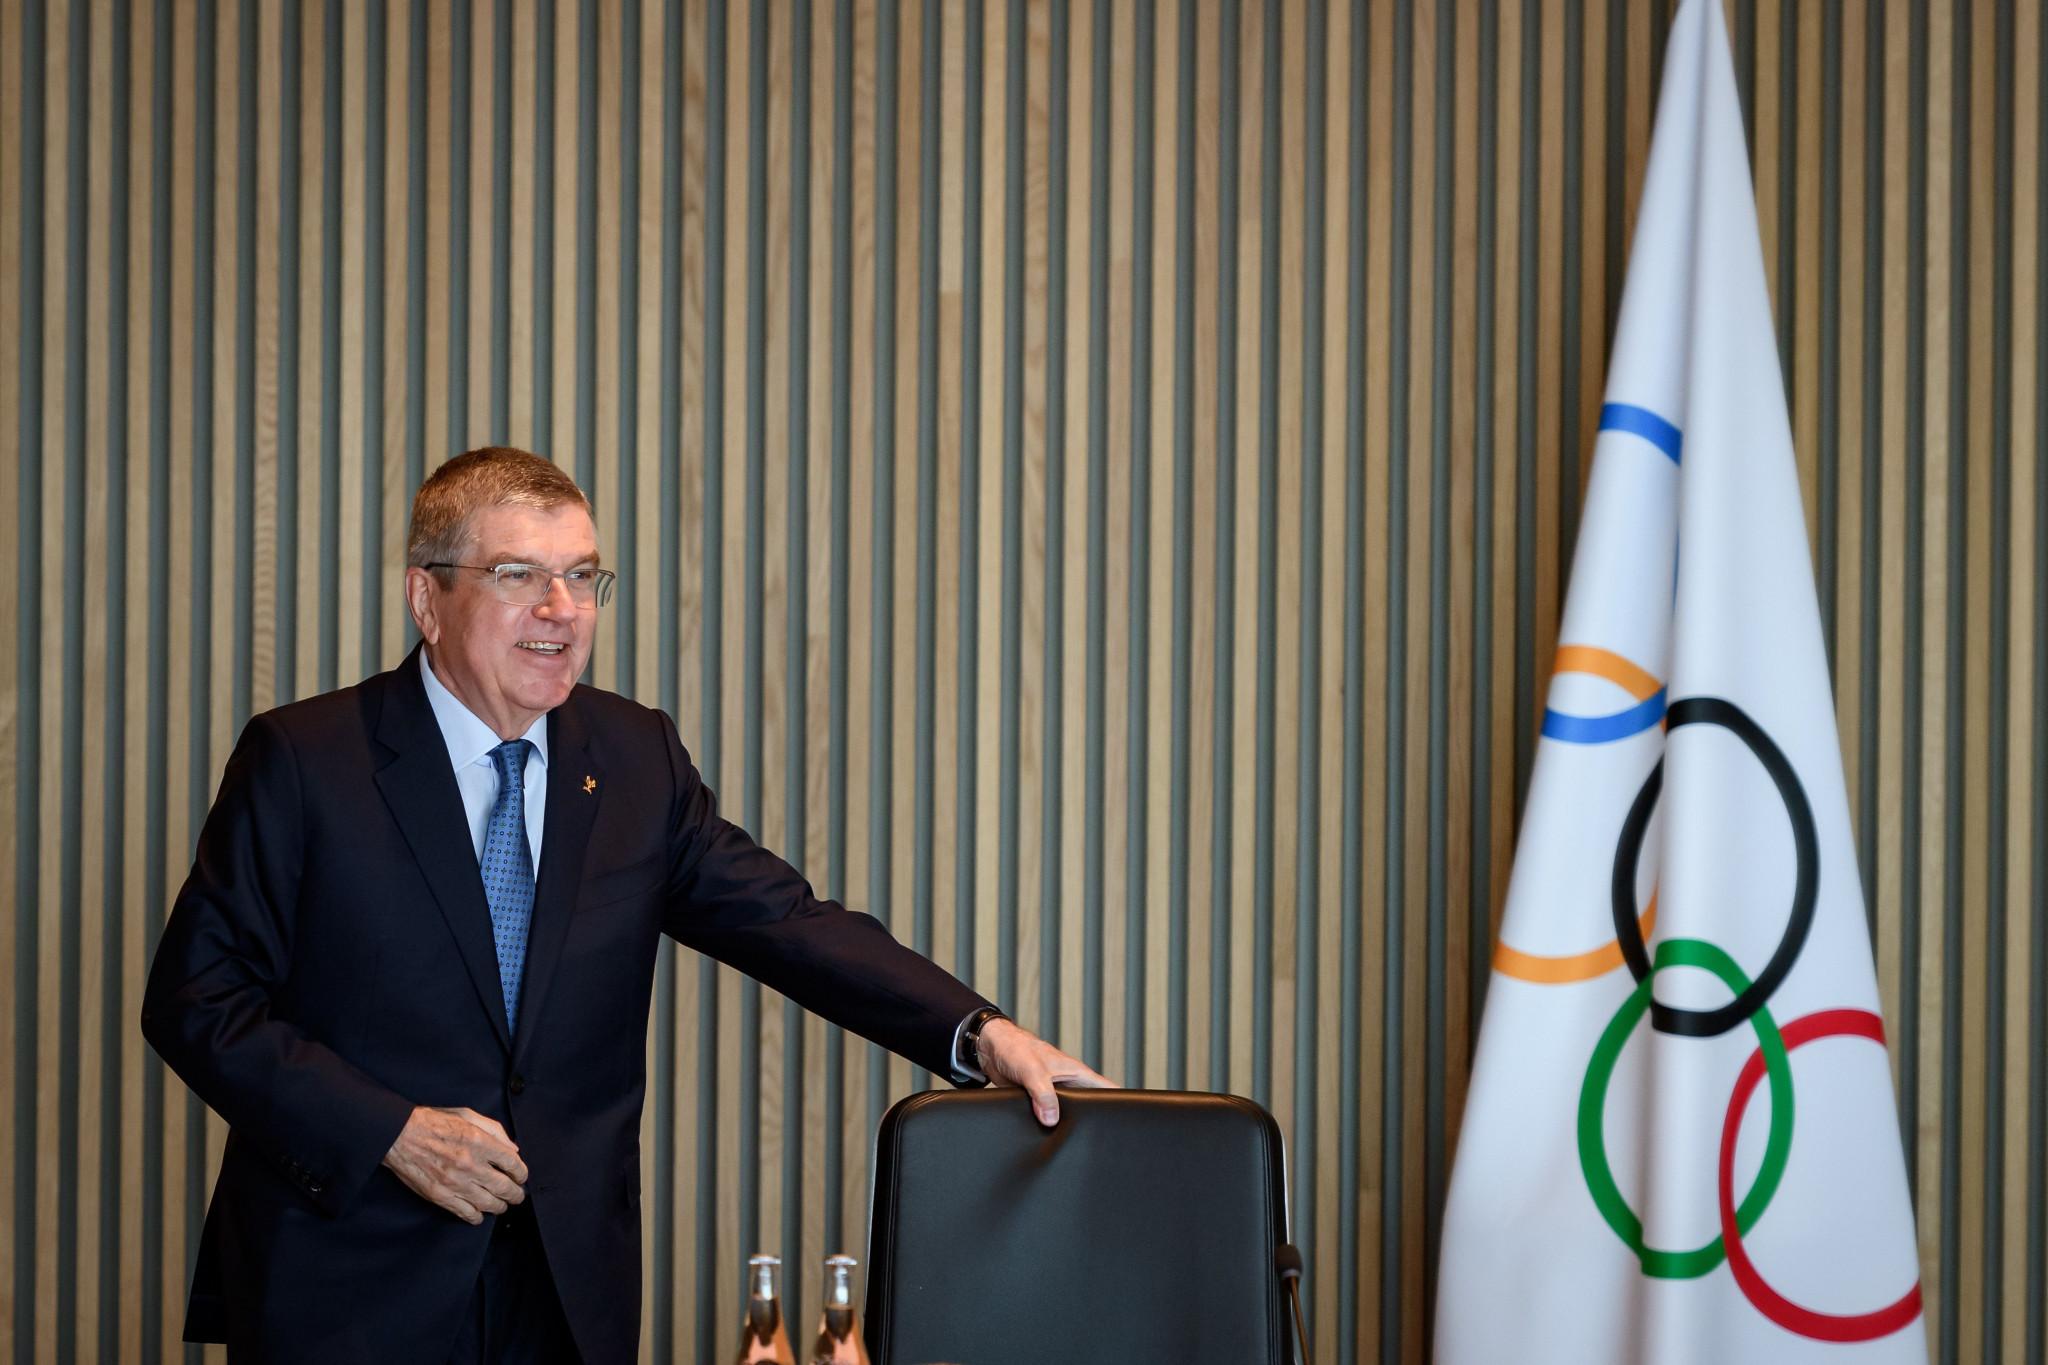 IOC President Thomas Bach said the organisation saw